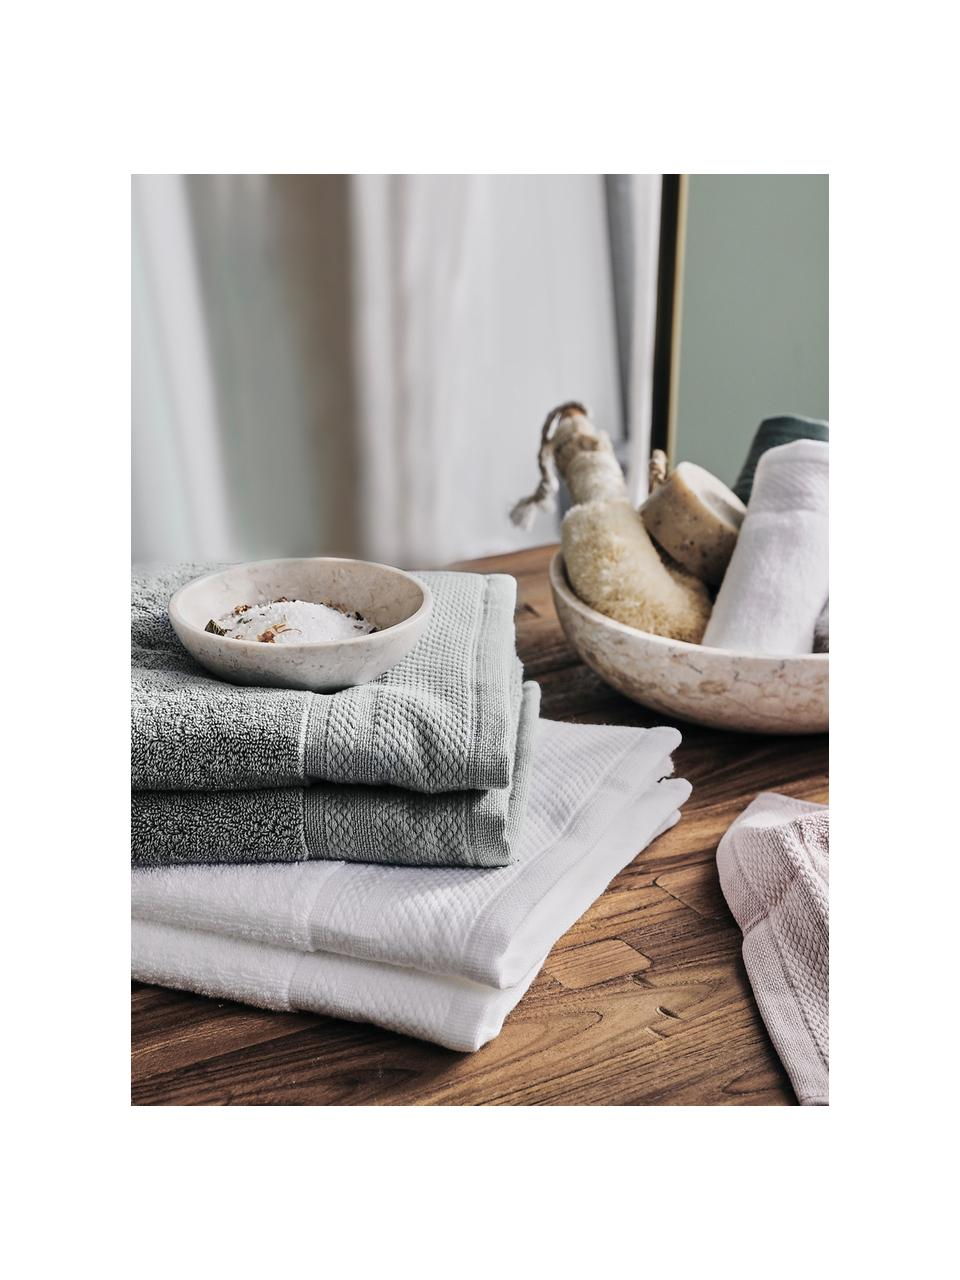 Handdoekenset Premium met klassiek sierborduursel, 3-delig, Donkergrijs, Set met verschillende formaten